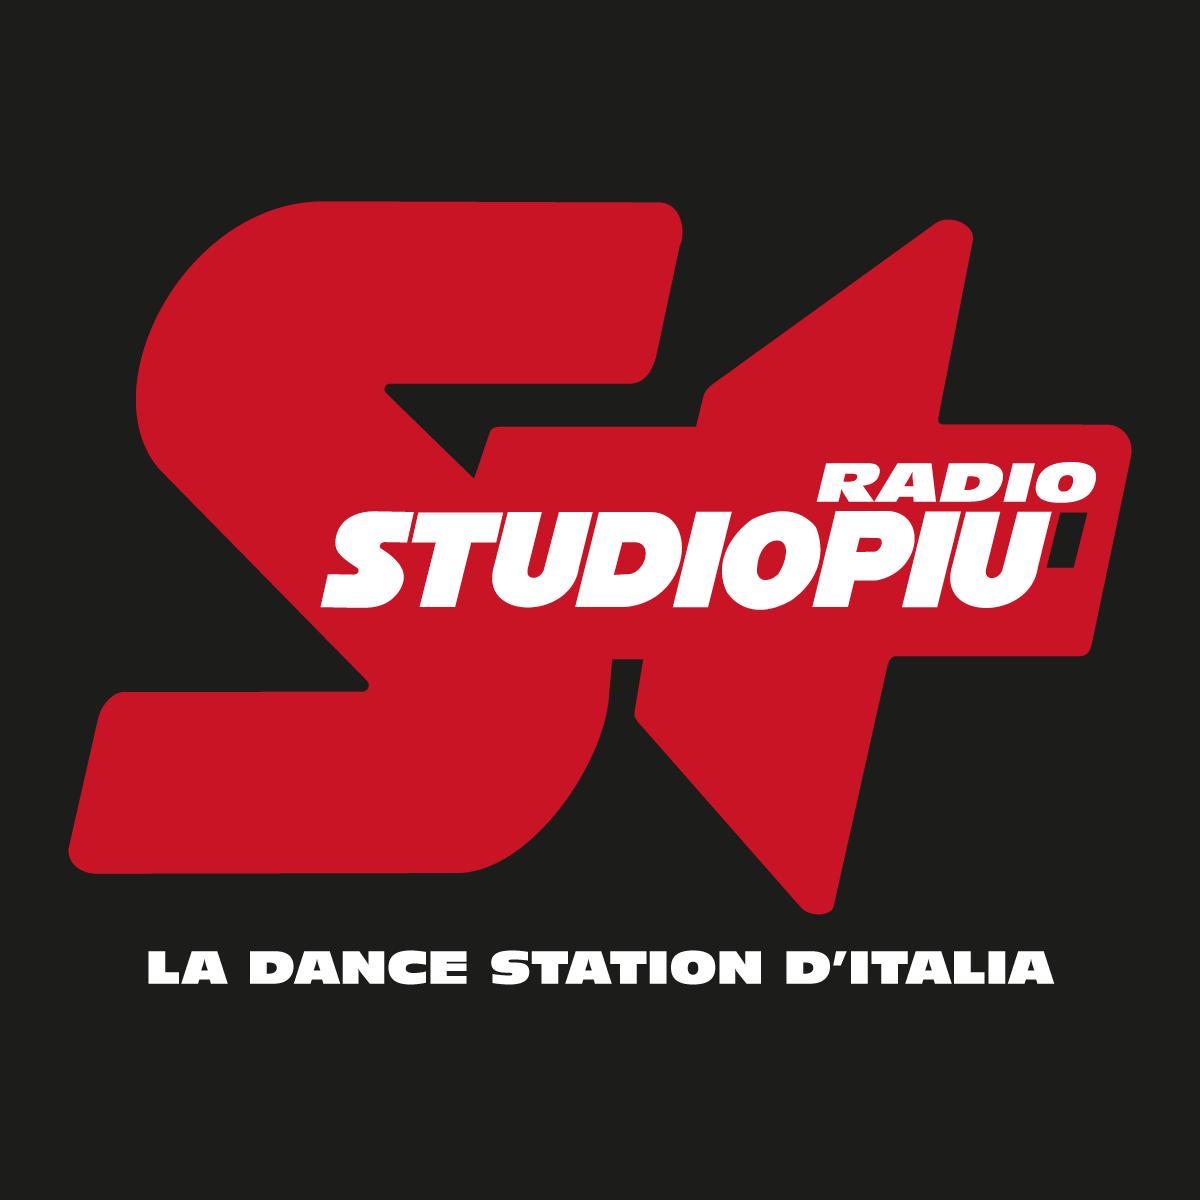 Studio Piu